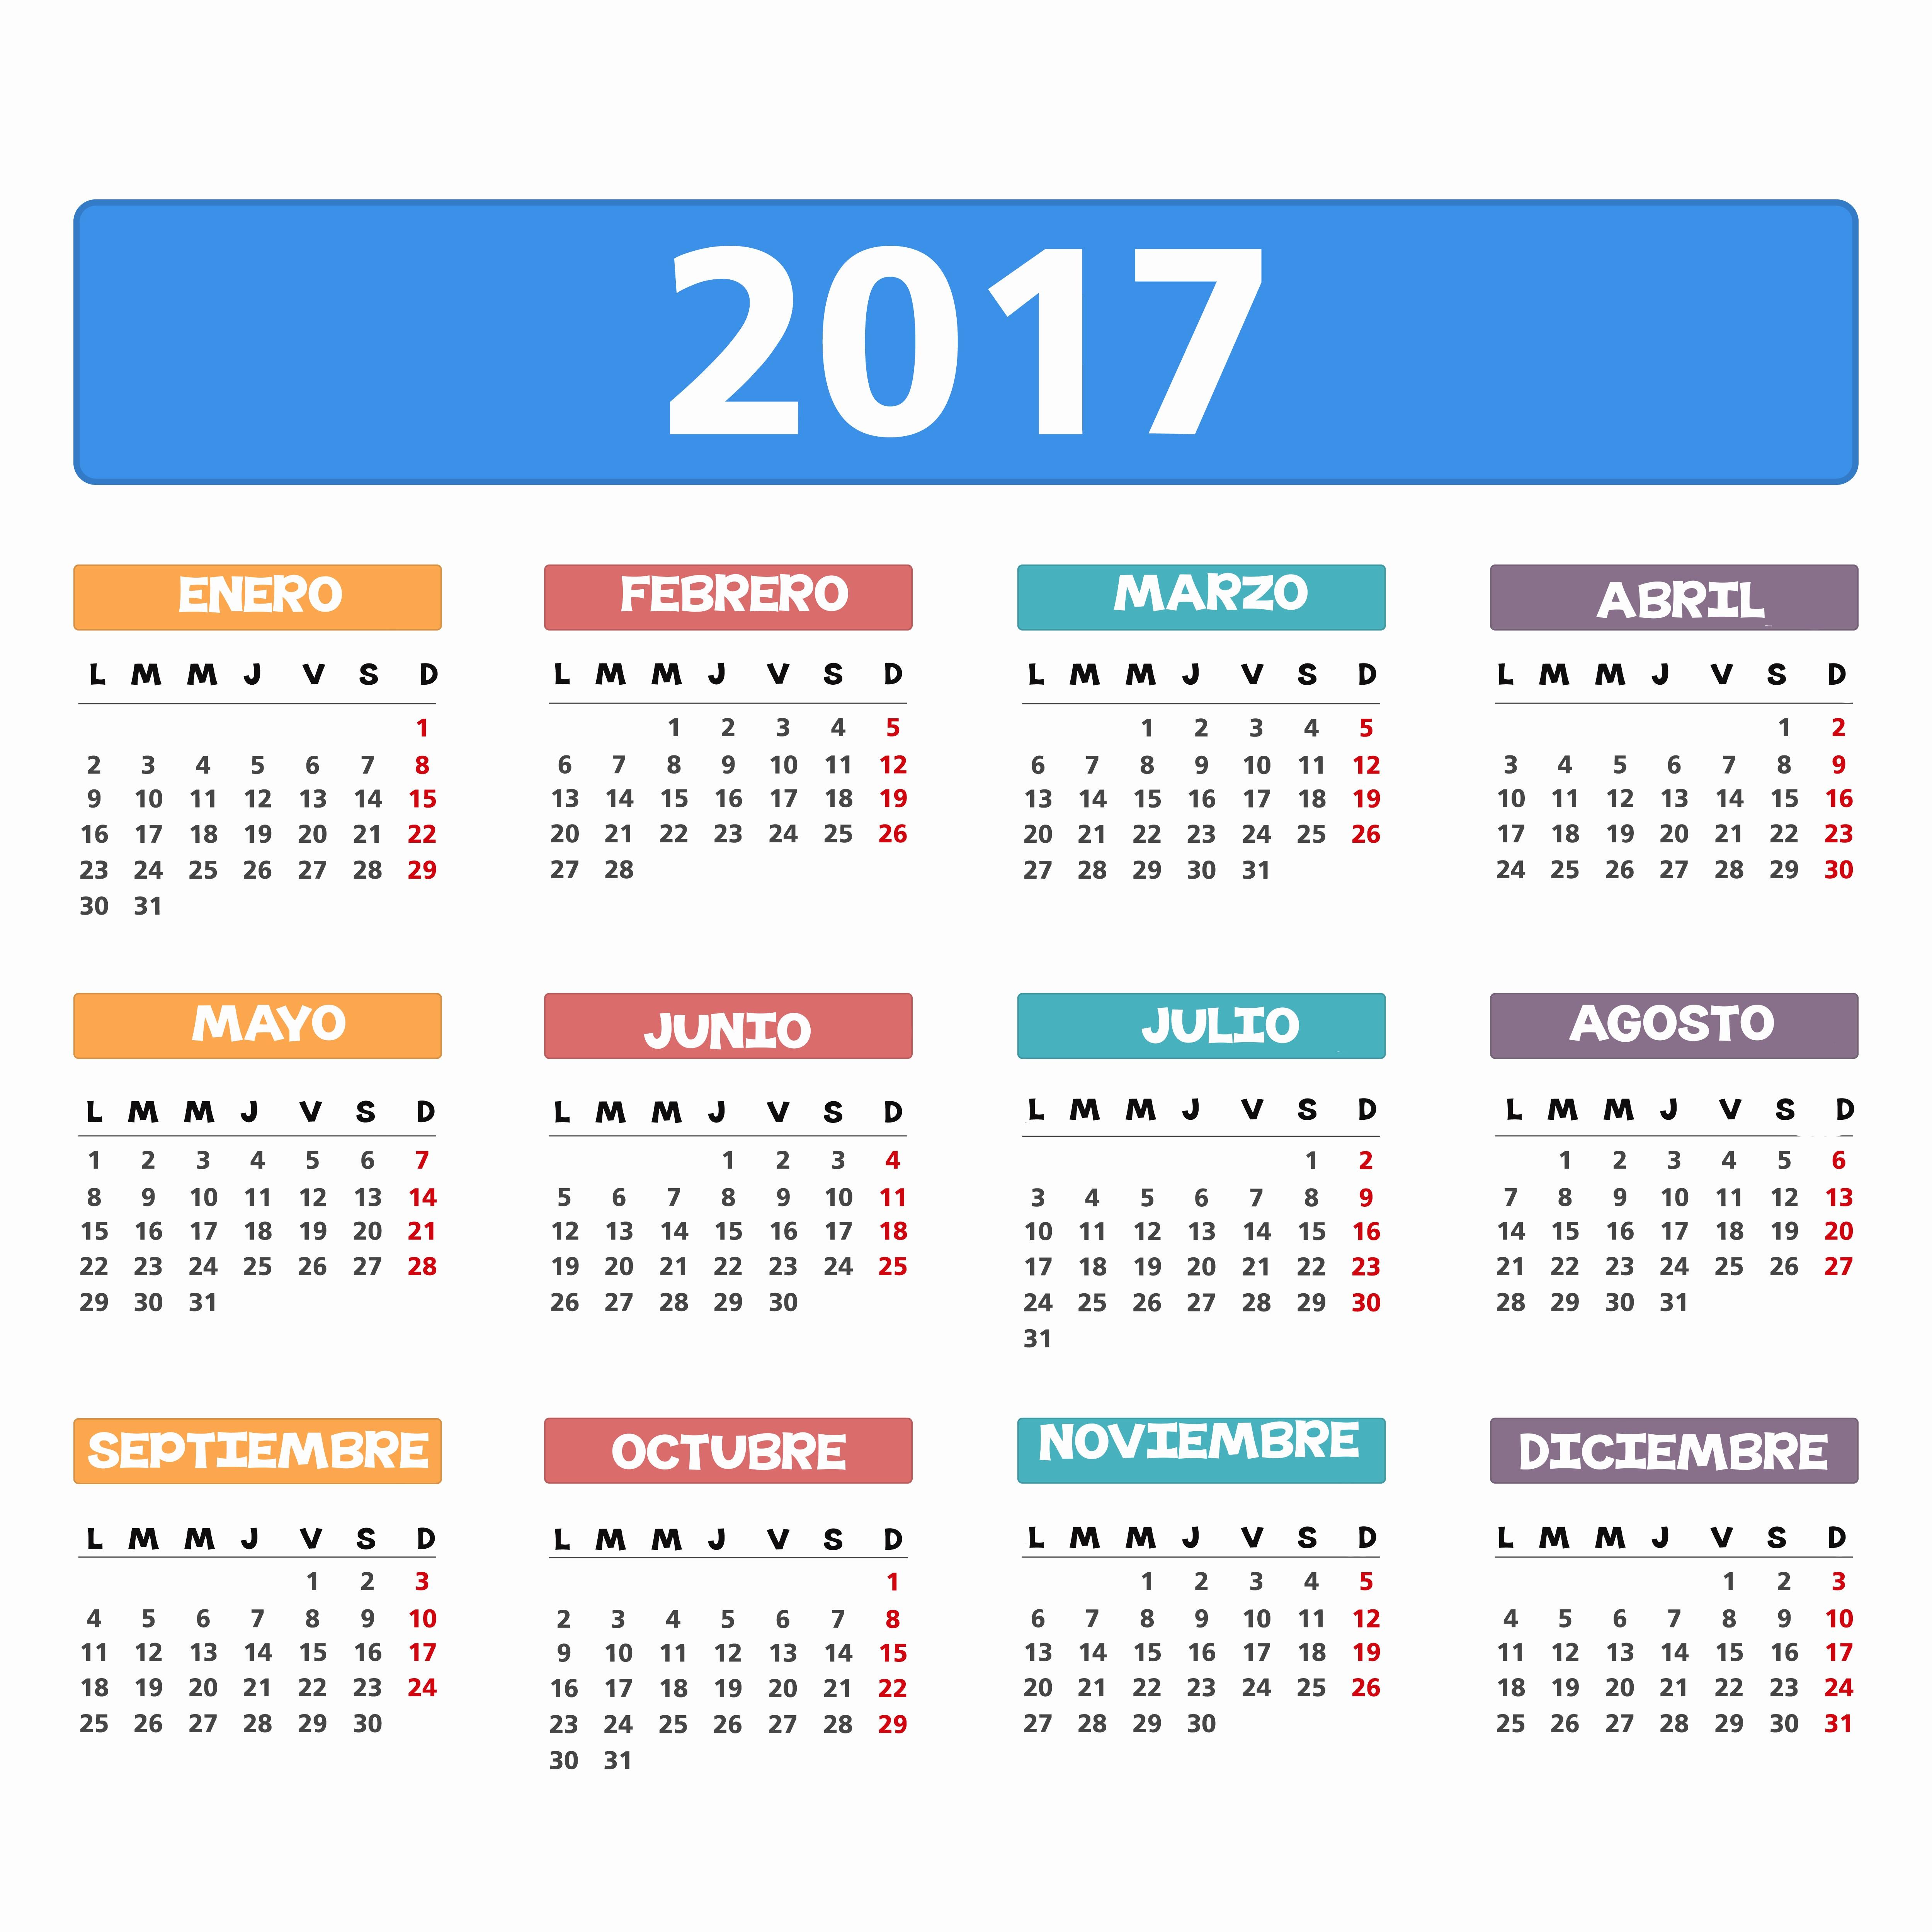 Calendario Anual 2017 Para Imprimir Lovely Calendario 2017 Para Imprimir